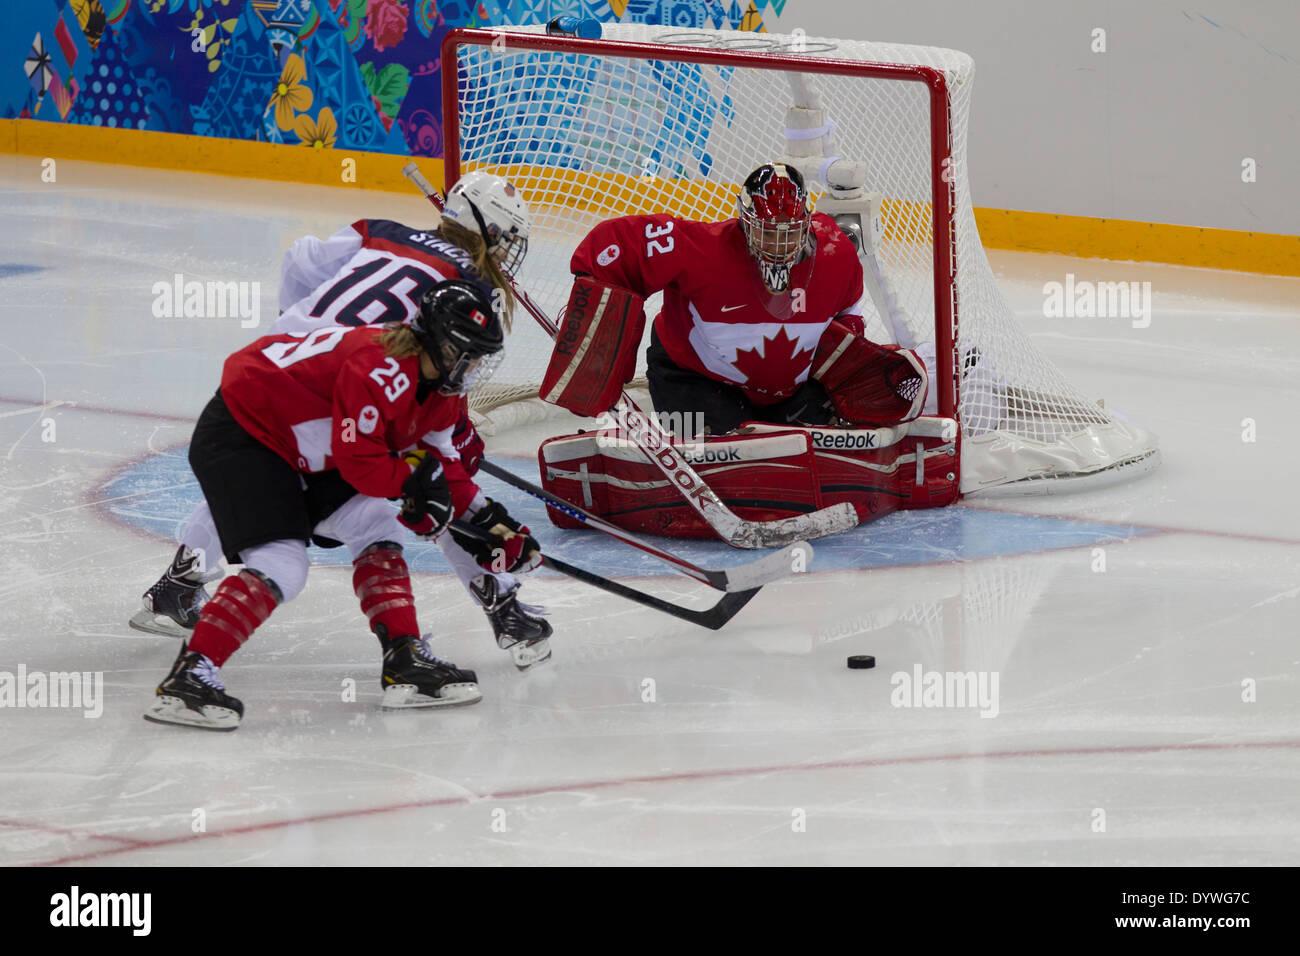 Charline Labonte portero canadiense, EE.UU.-Canadá Mujeres Hockey sobre hielo en los Juegos Olímpicos de Invierno, Sochi 2014 Imagen De Stock